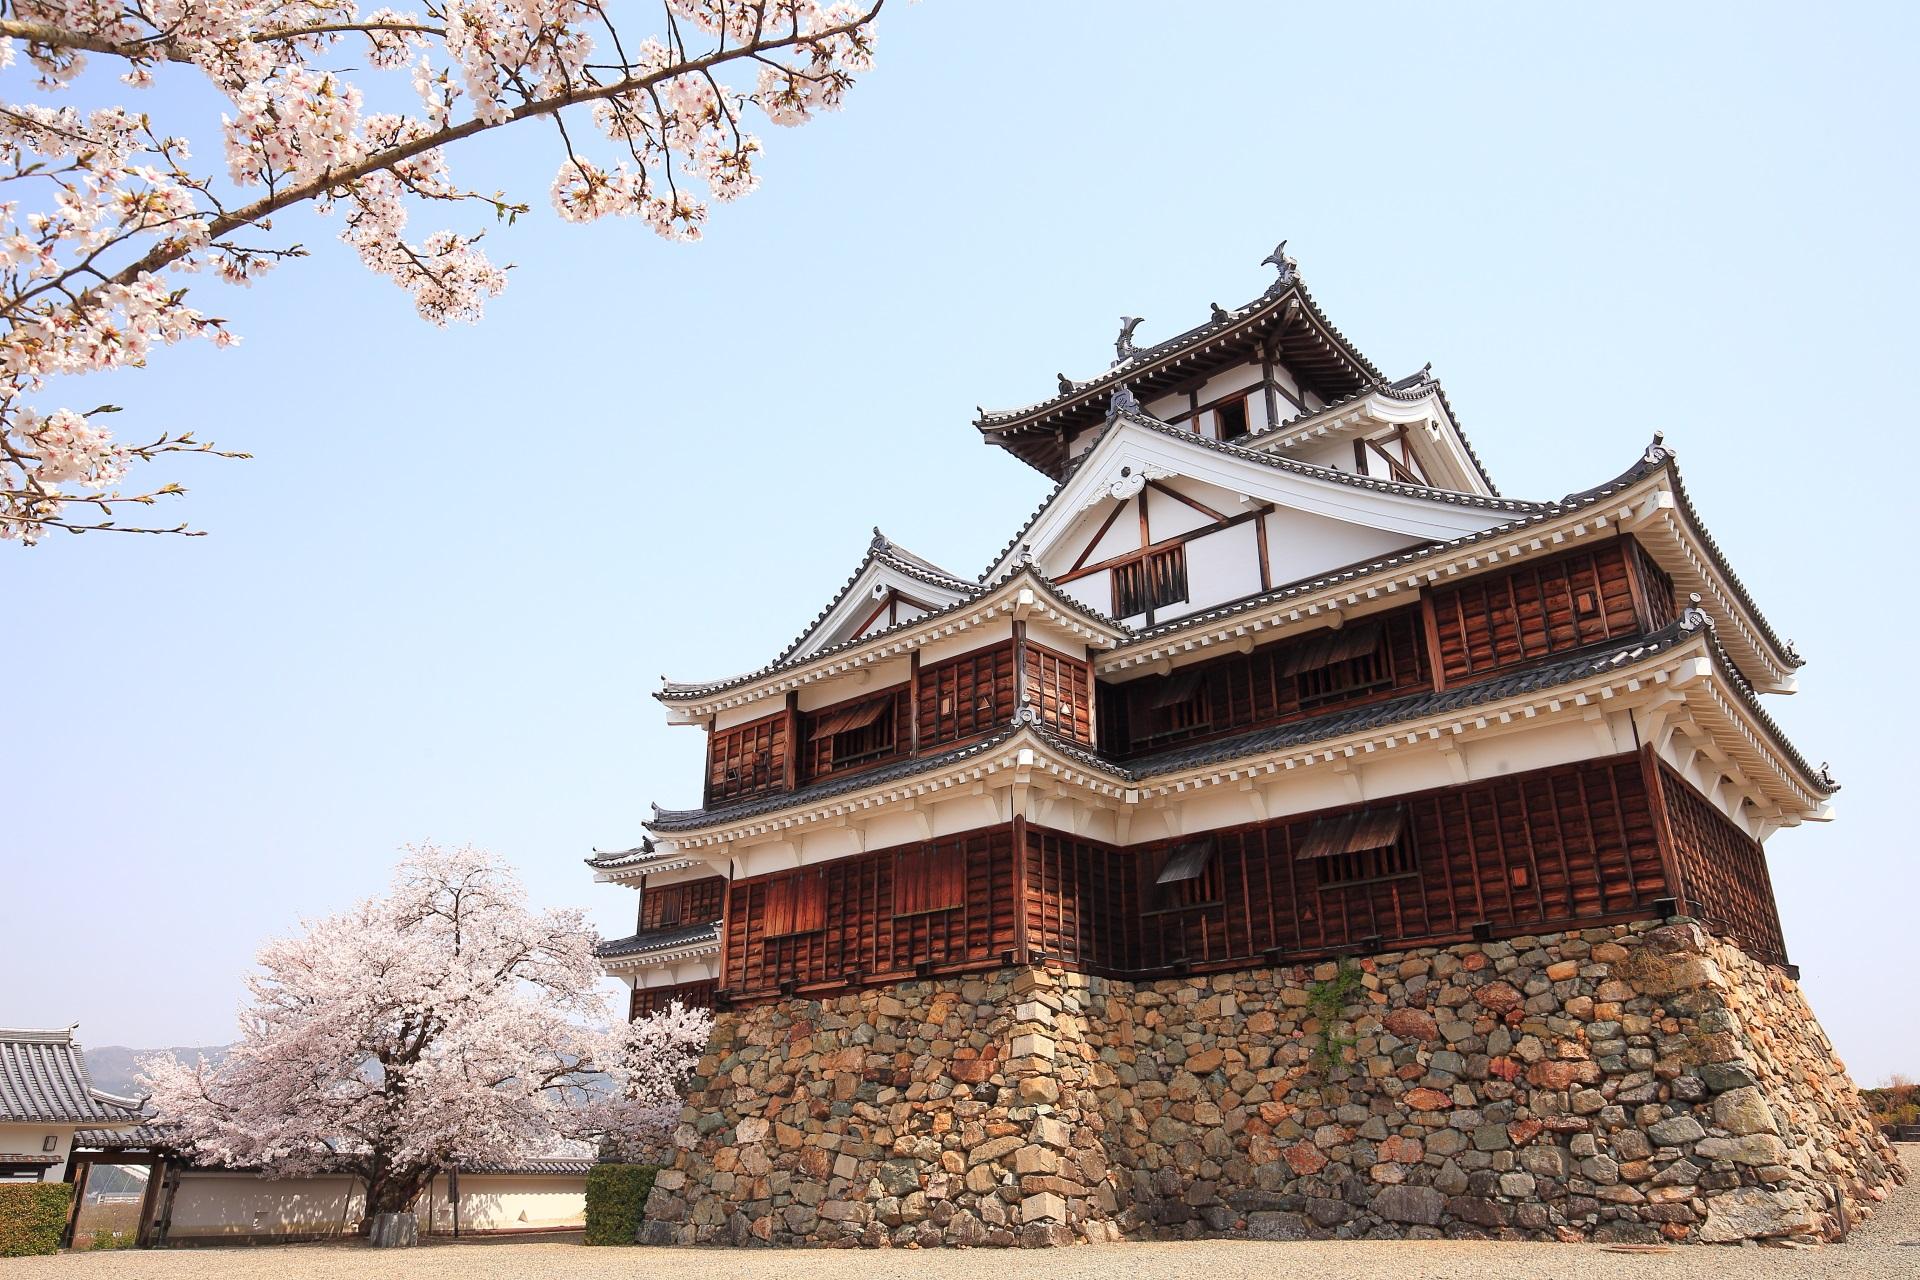 福知山城の天守閣と桜